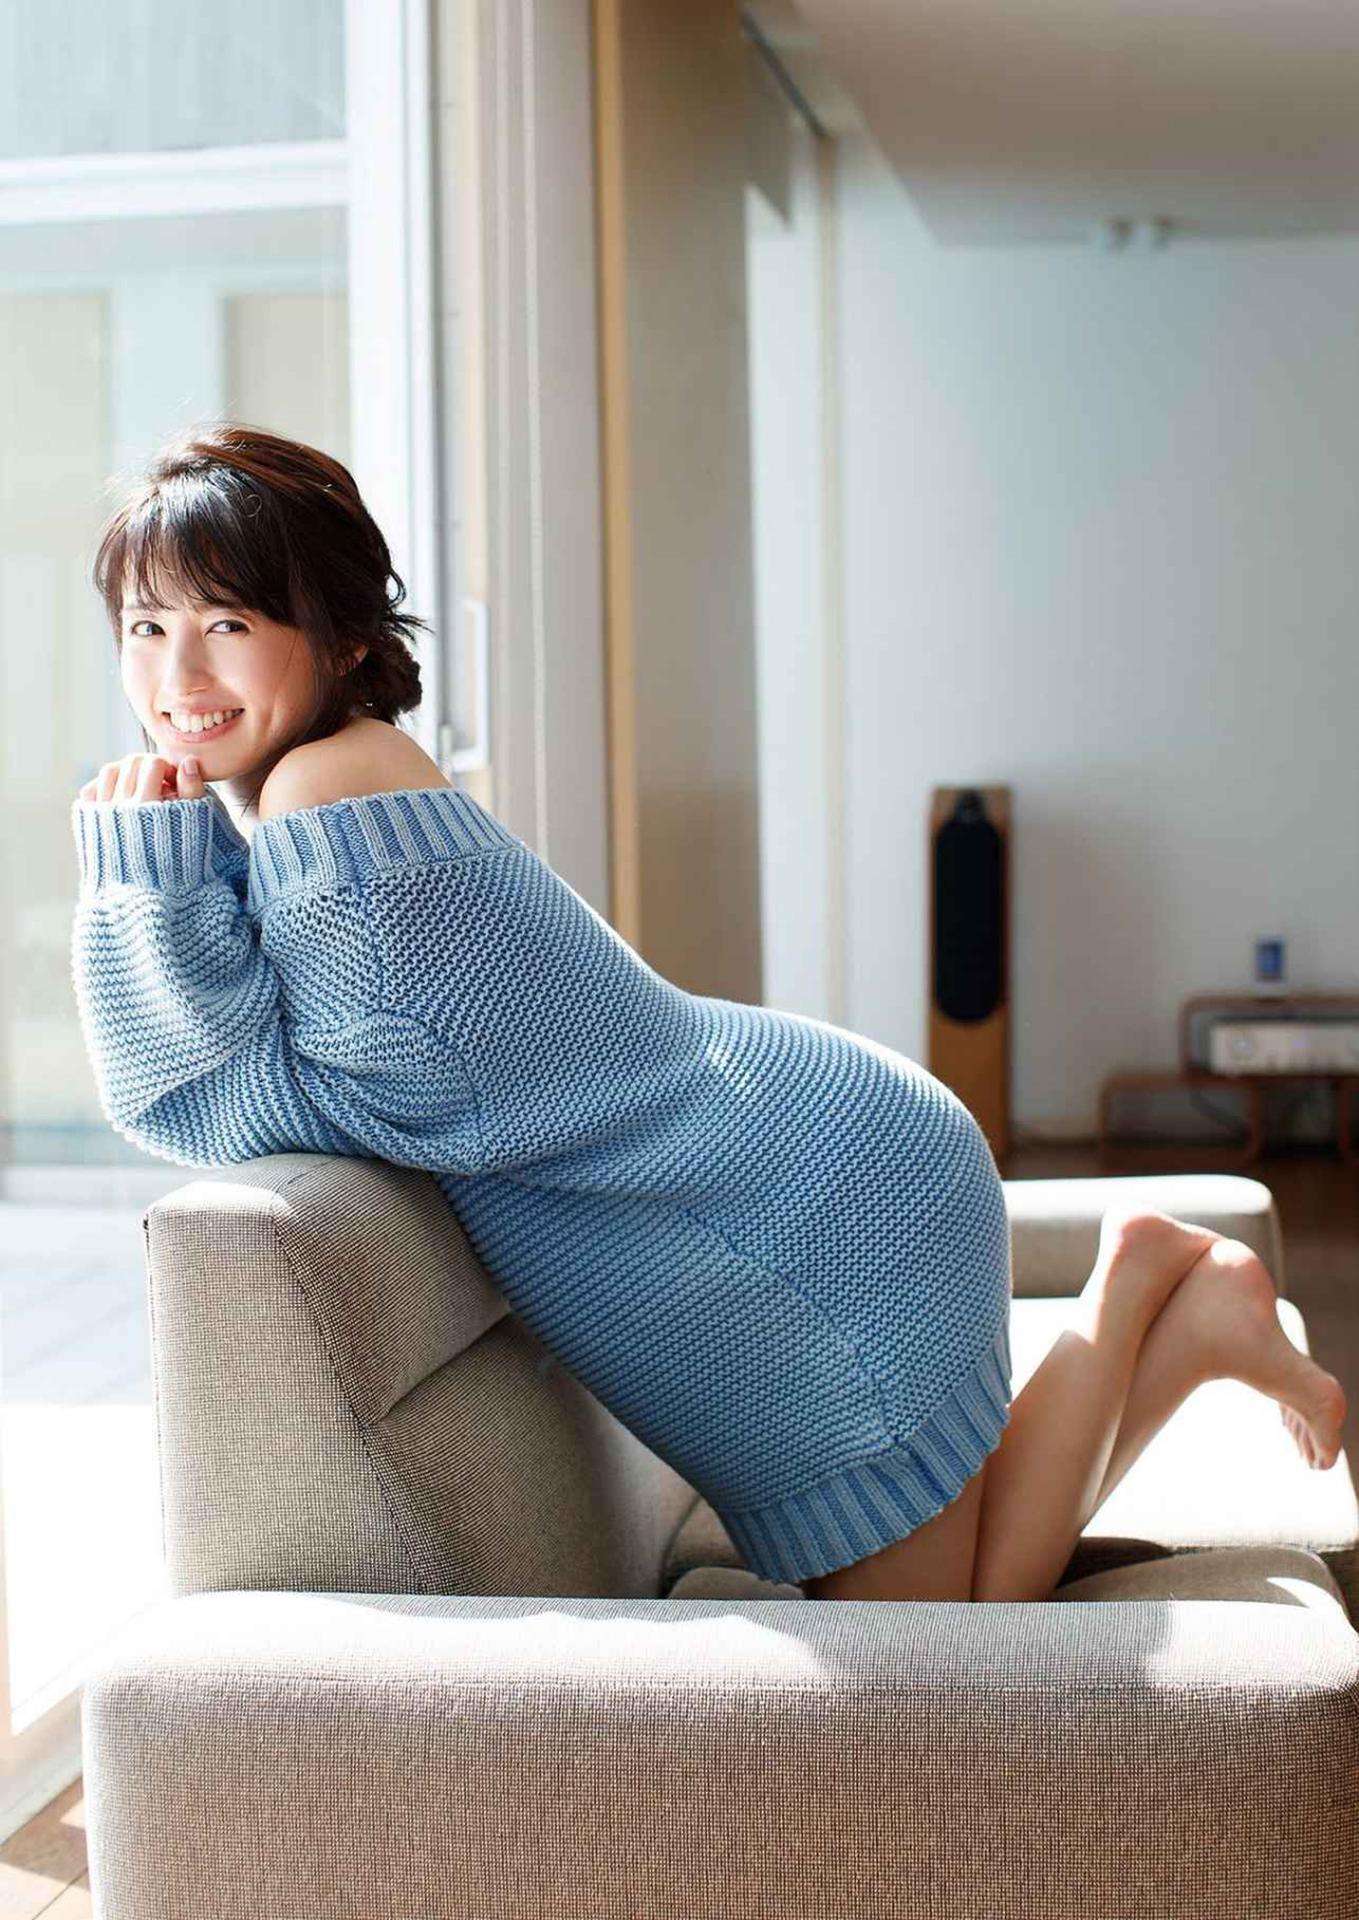 Voice actor Rikako Oita013